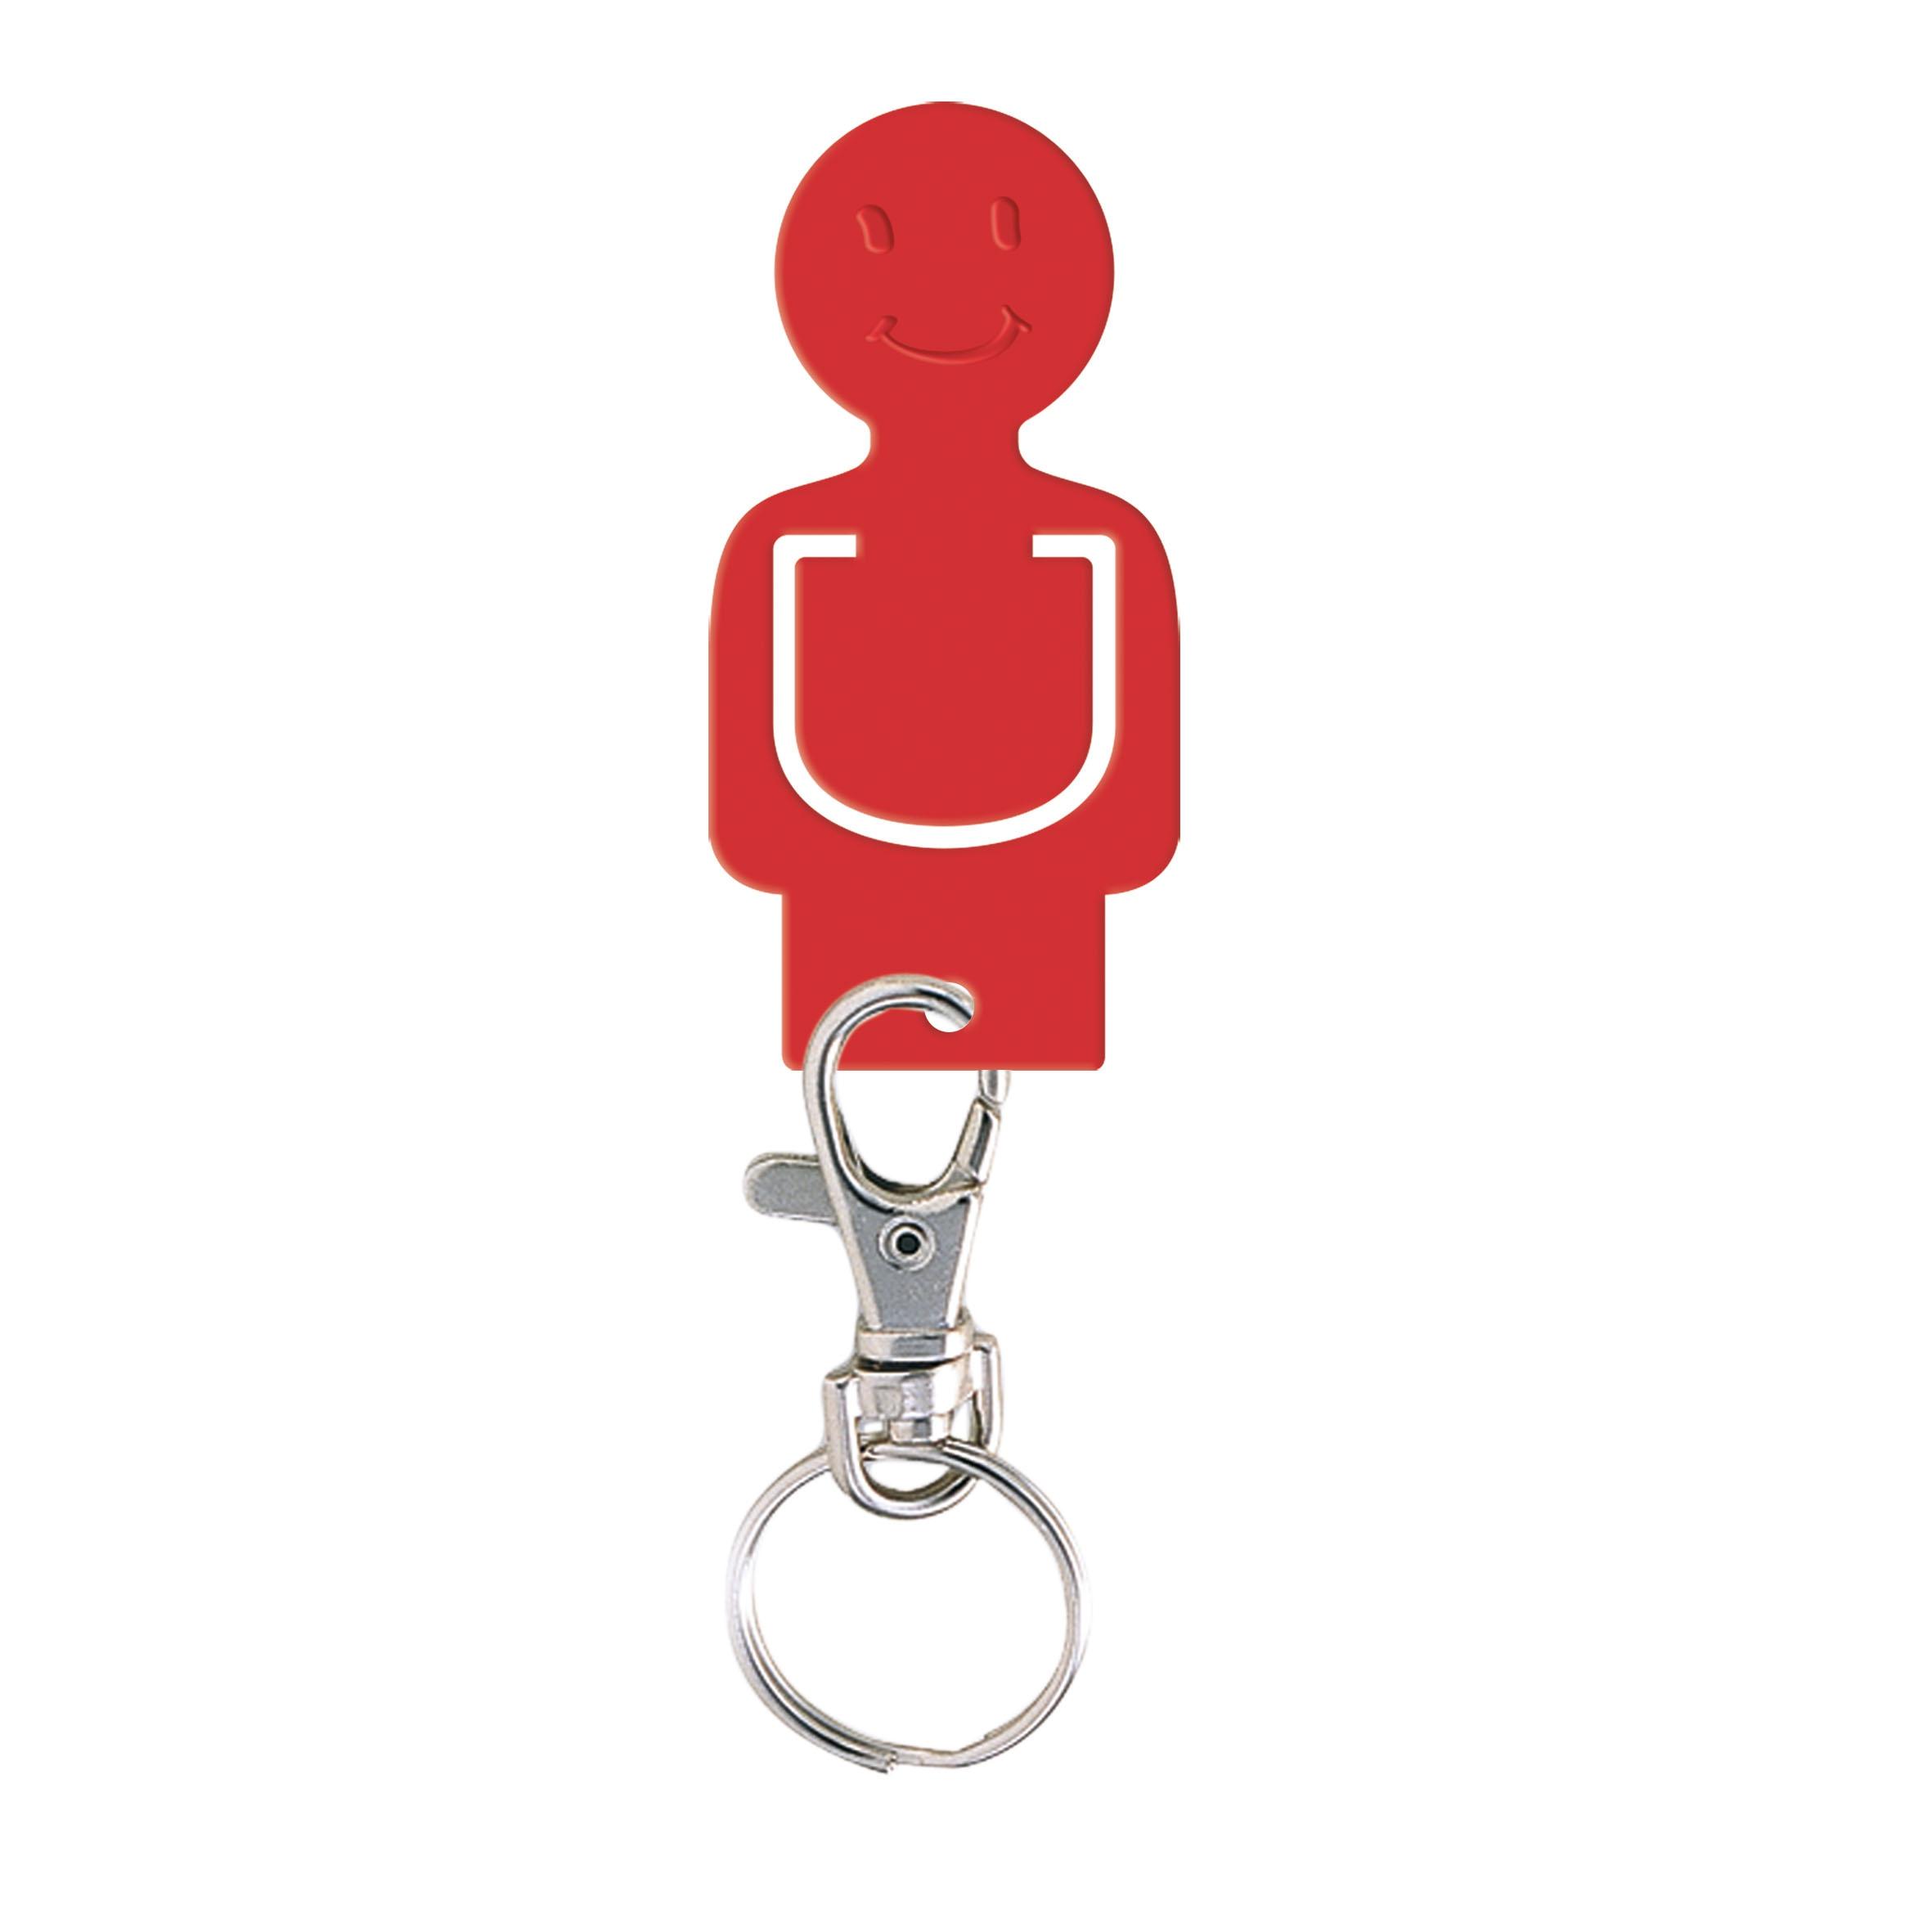 Porte-clés personnalisable jeton caddie Figurine - Goodies salon - noir